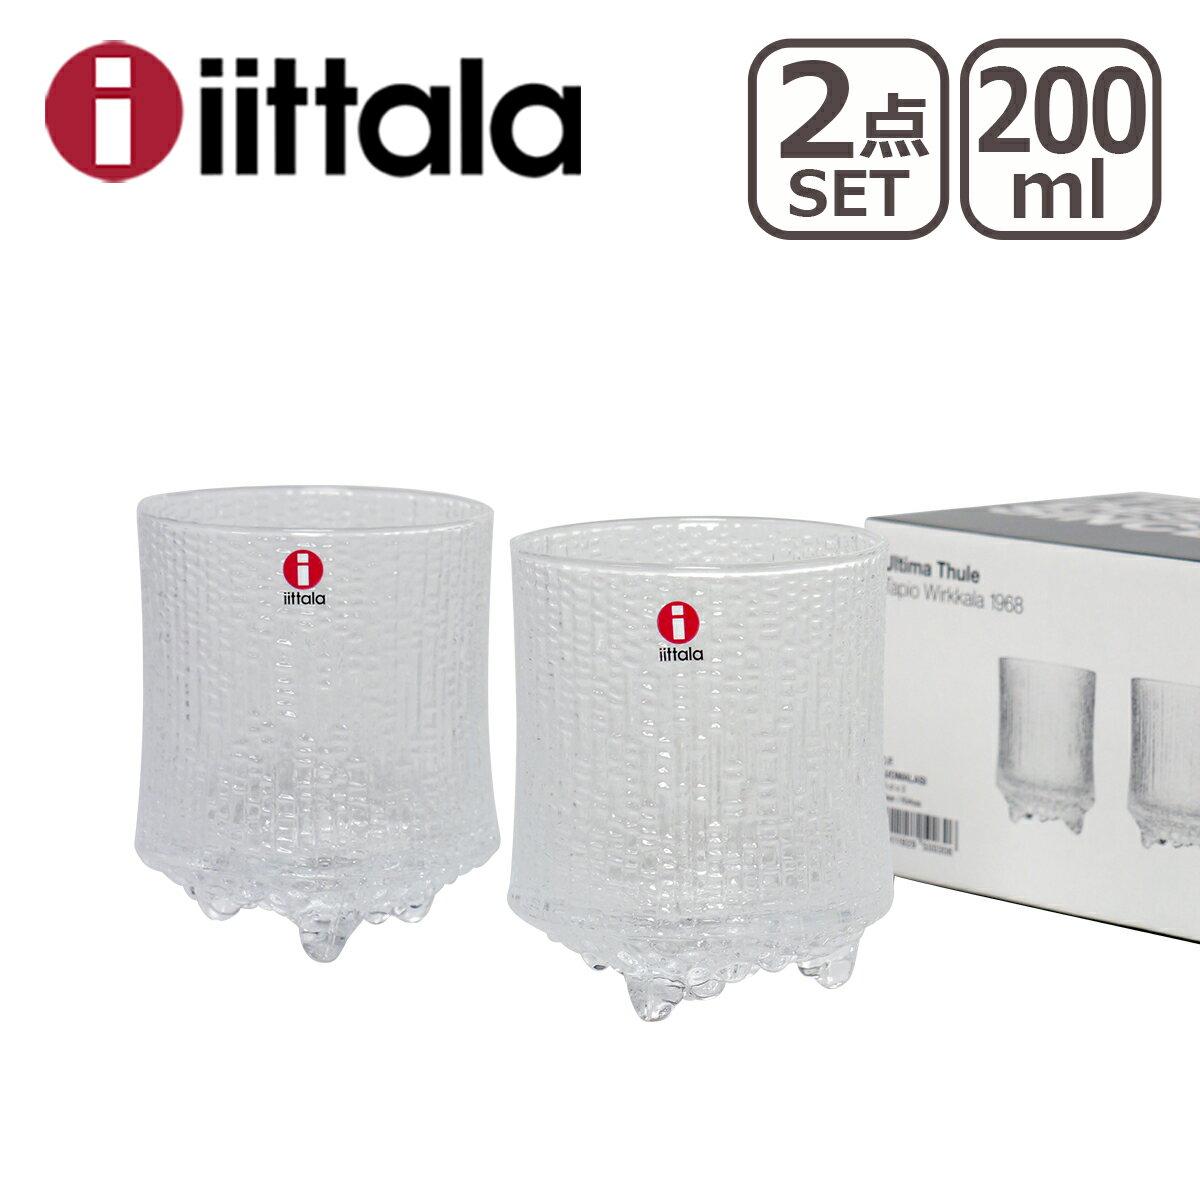 iittala イッタラ Ultima Thule (ウルティマツーレ/アルティマトゥーレ)オールドファッション 200ml クリア 2個セット ギフト・のし可 グラス